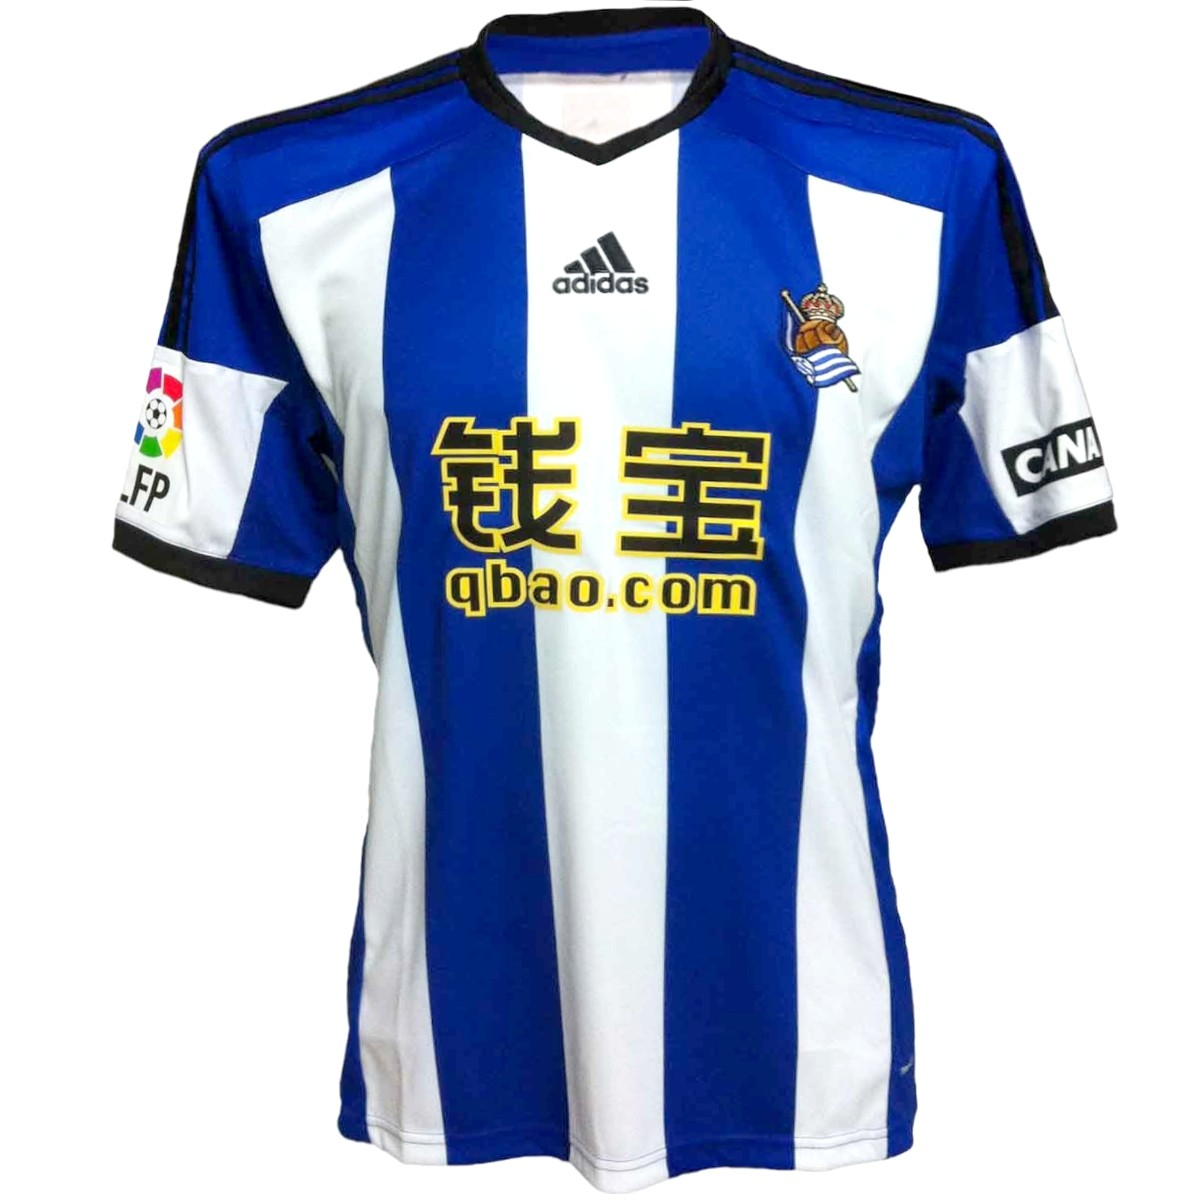 Disipación Calibre Esquiar  Camiseta de futbol Real Sociedad primera 2014/15 - Adidas - SportingPlus.net